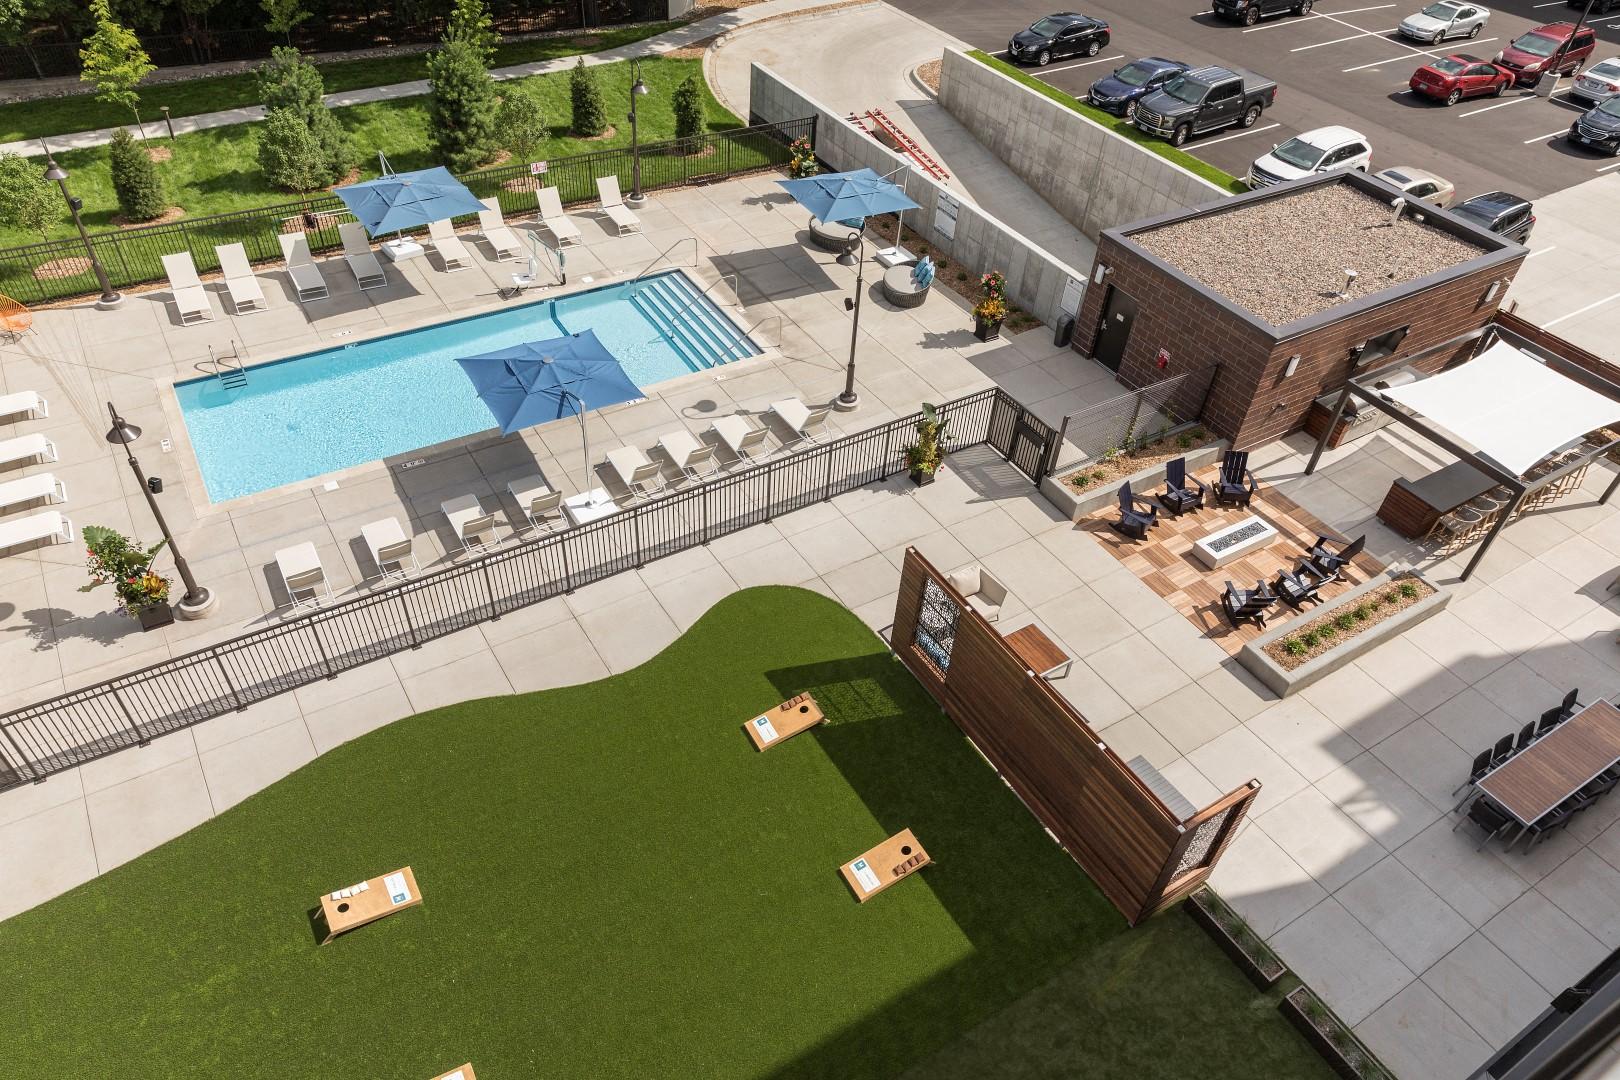 The McMillan Shoreview Exterior Sun Deck Pool